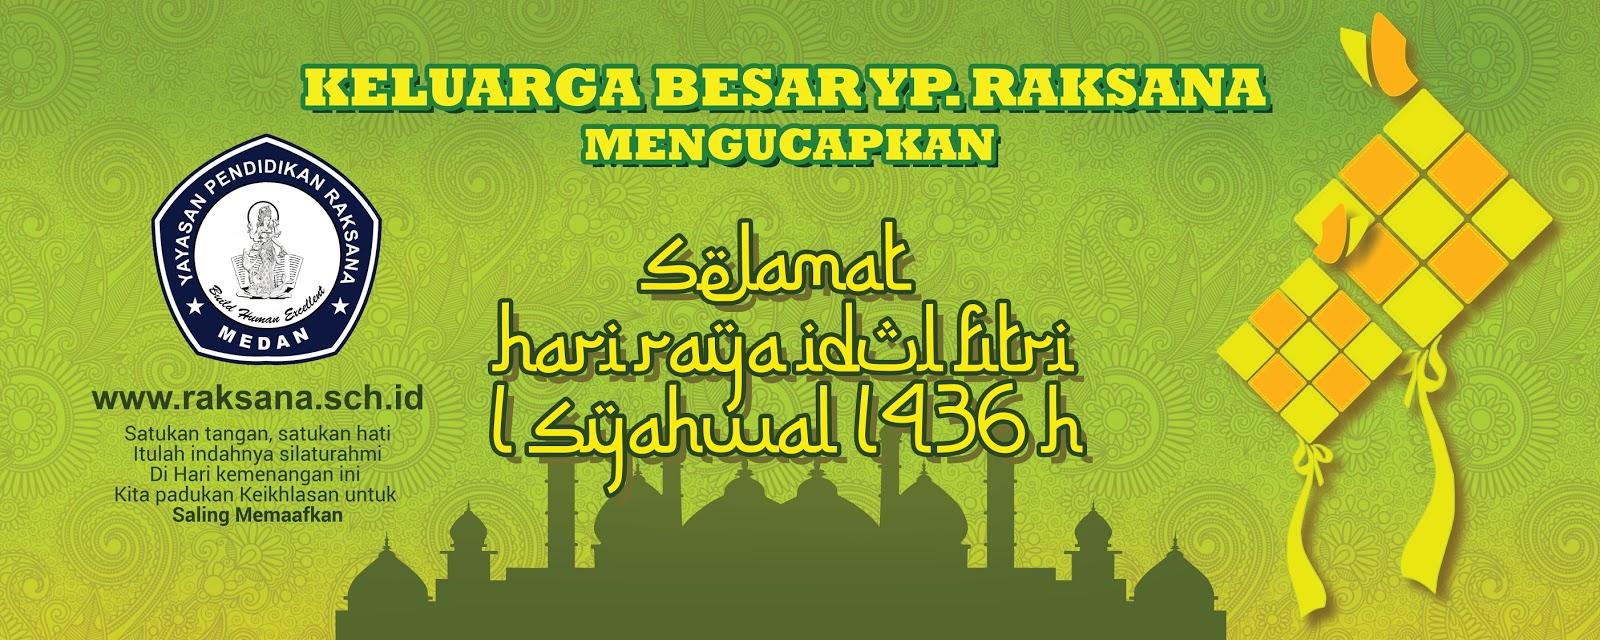 Banner Ucapan Selamat Hari Raya Idul Fitri Meter